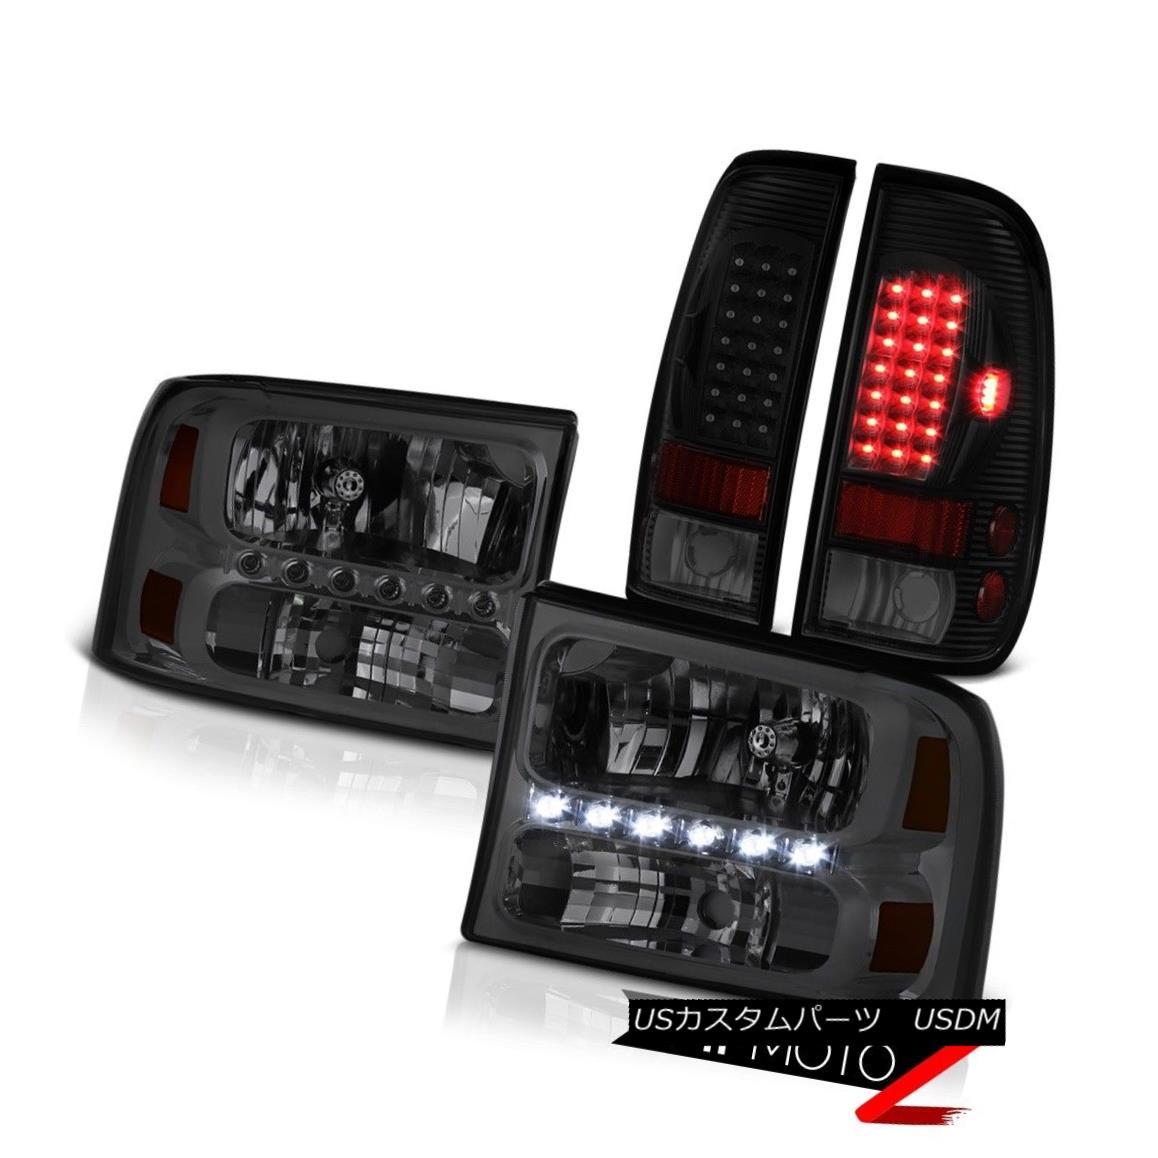 テールライト 99 00 01 02 03 04 F250 Xl Sinister Black Parking Brake Lights Smokey Headlights 99 00 01 02 03 04 F250 X1シニスターブラックパーキングブレーキライトスモーキーヘッドライト